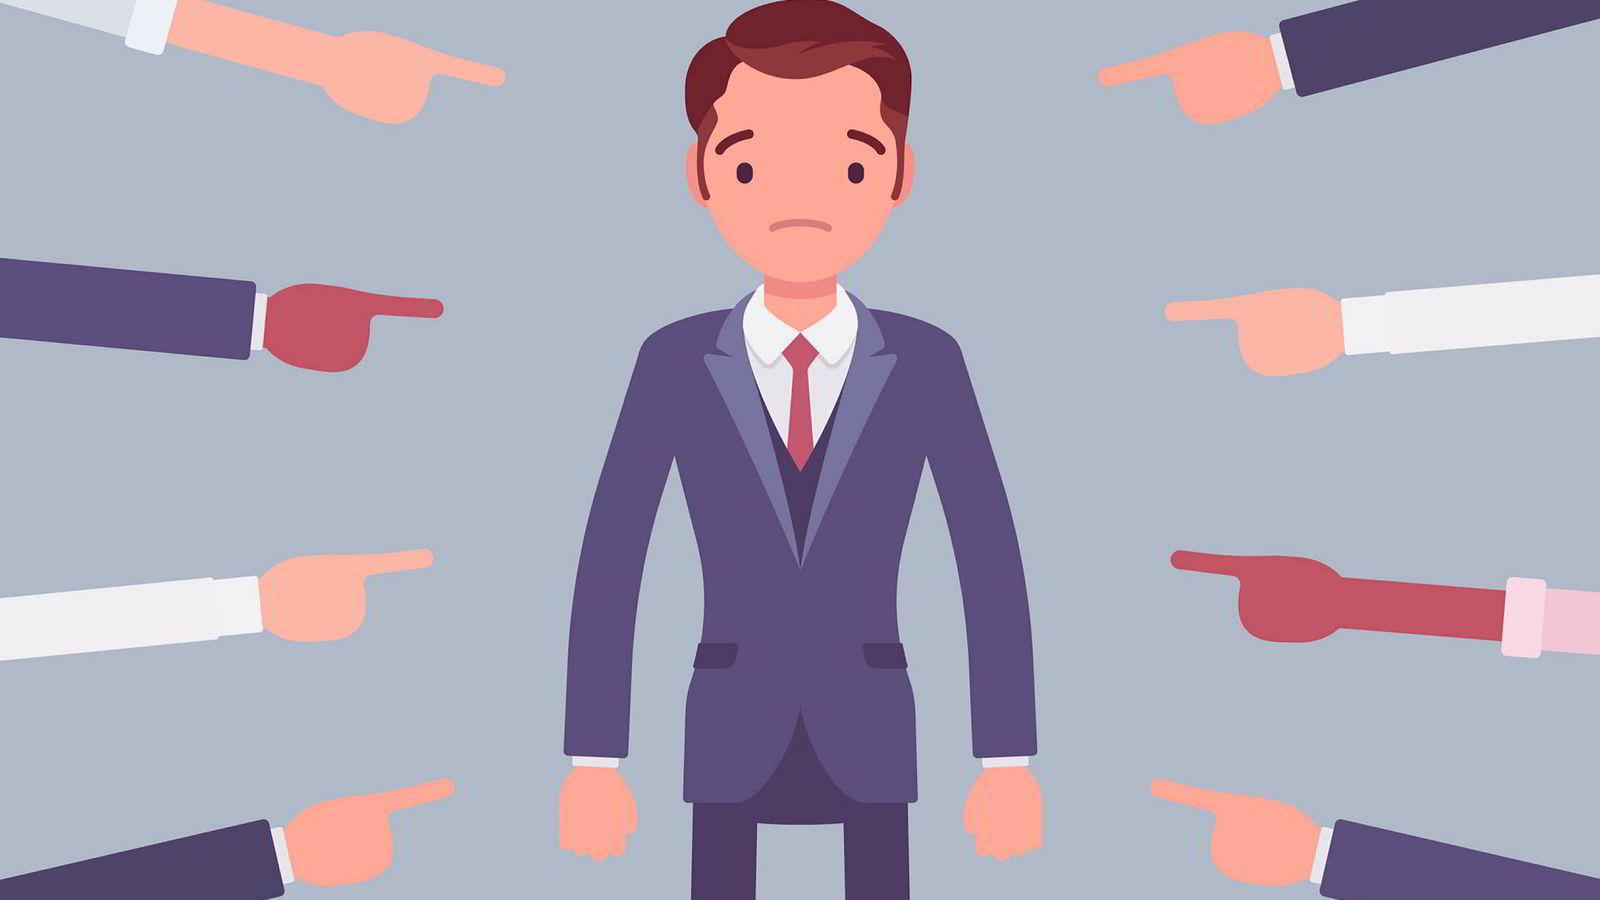 Forskning innen moralpsykologi viser at moralen vår er fleksibel. Det som får oss til å rødme til å begynne med, kan gradvis bli en normal del av det som skjer på jobb.